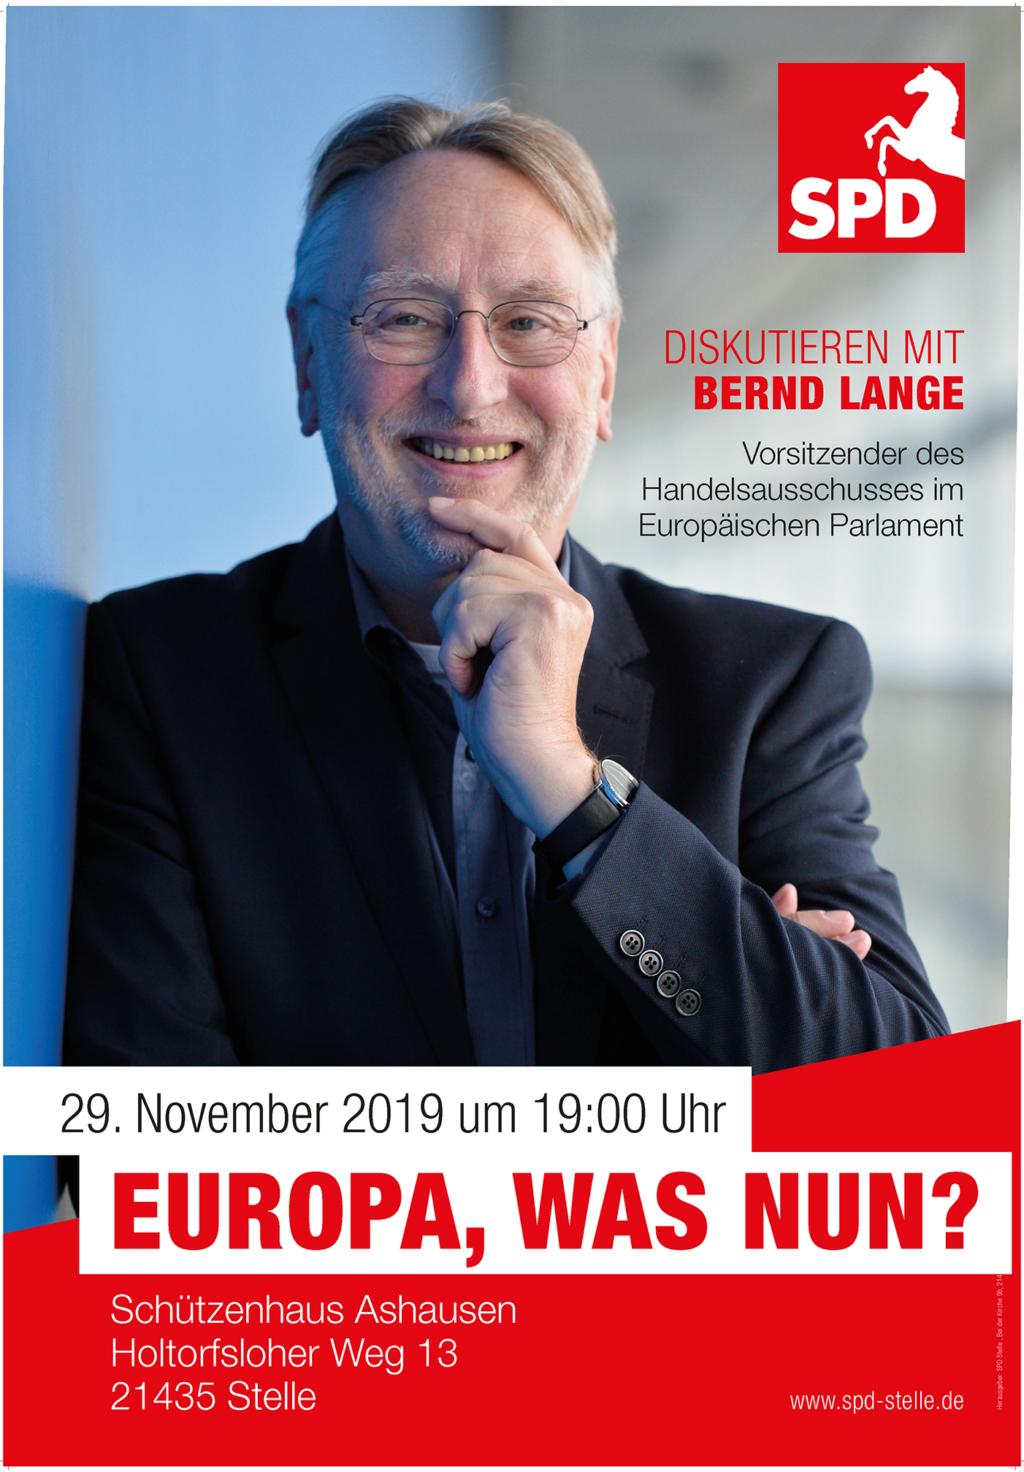 Europa was nun